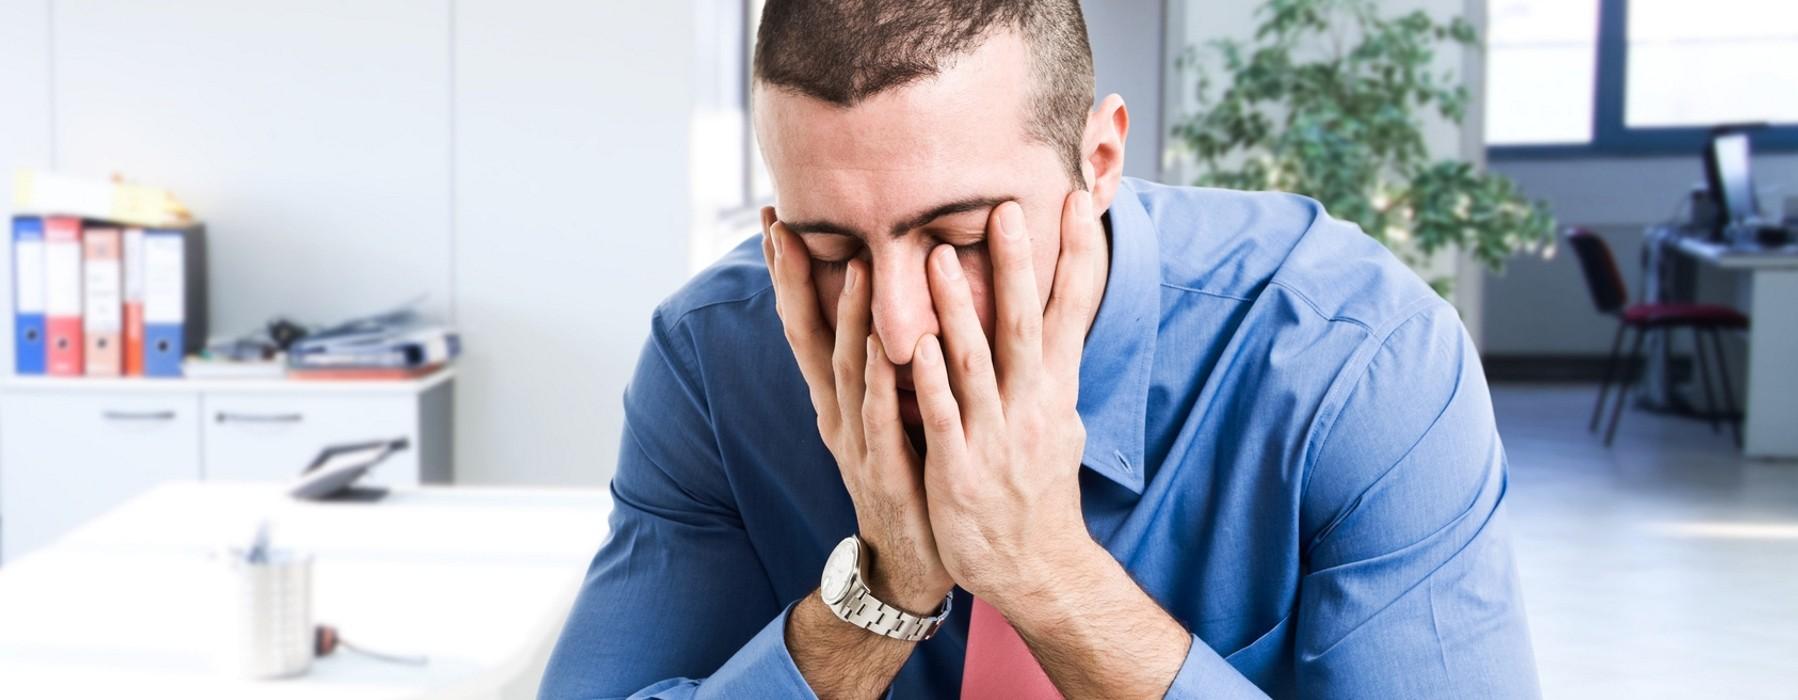 Ein Kollege oder Mitarbeiter hat Probleme?